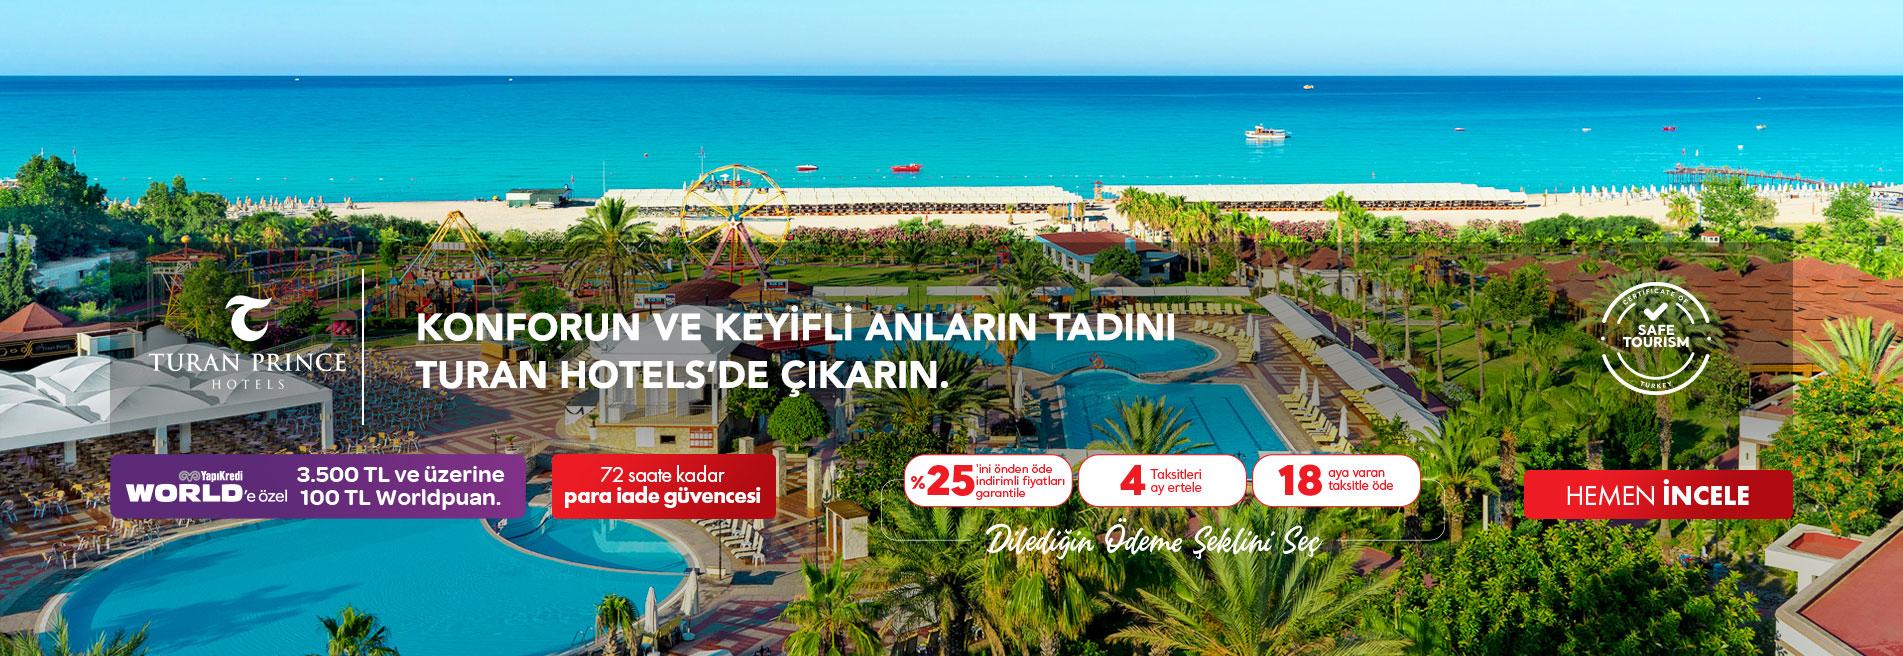 Turan Hotel